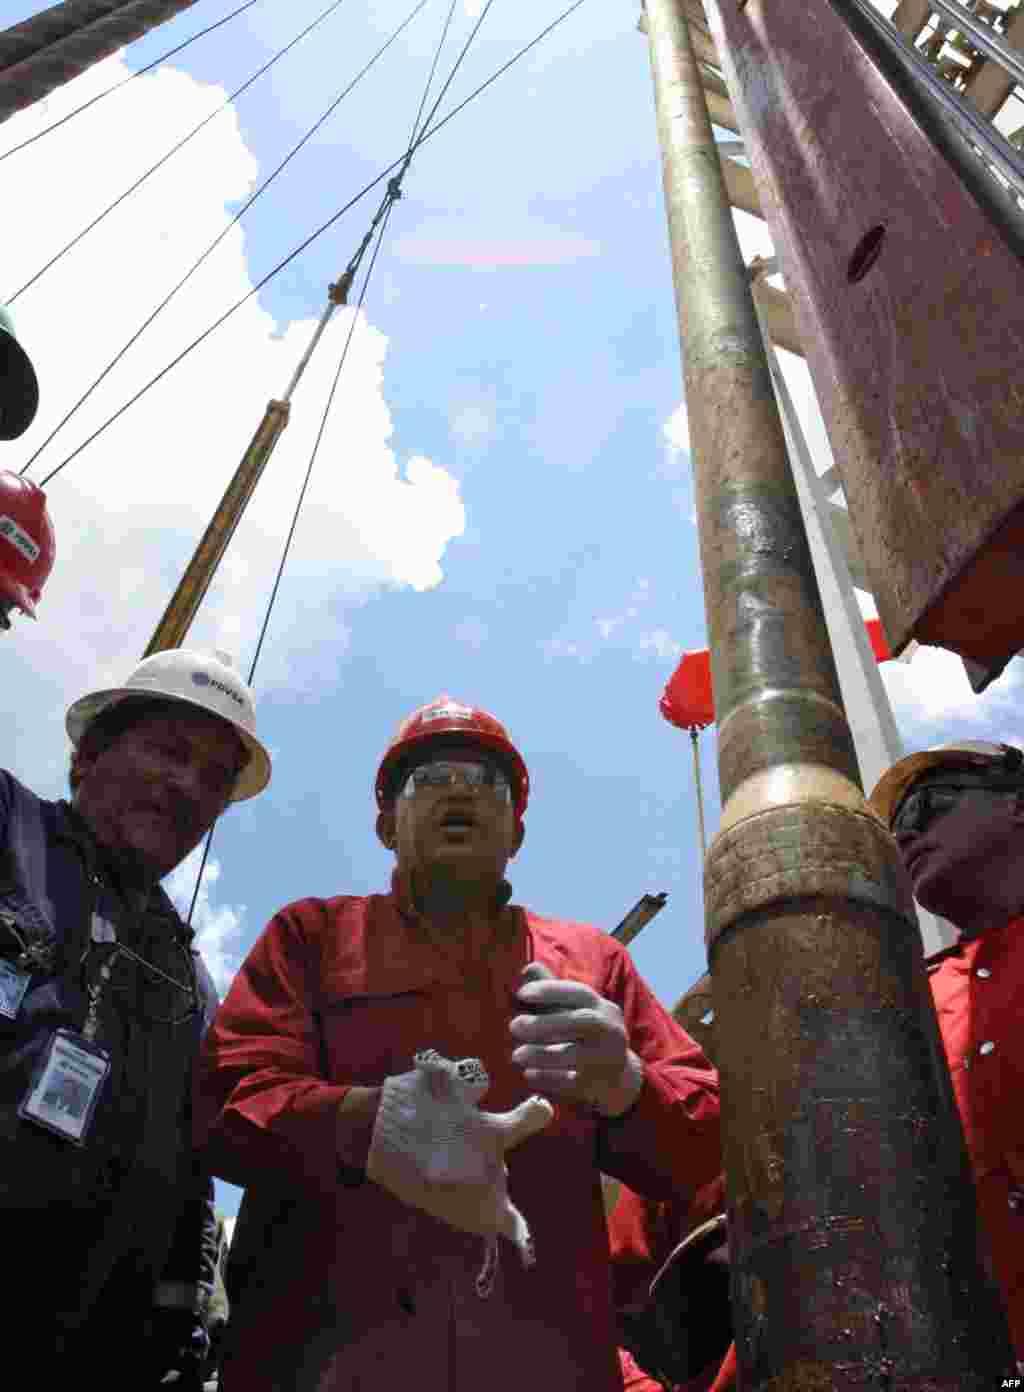 Венесуэла – страна с крупнейшими в мире разведанными запасами нефти, ее экономика зависит от общемировых цен на нефть на 90%. Но из-за особенностей венесуэльских месторождений и некомпетентного регулирования нефтяной отрасли правительством Мадуро, страна практически потеряла возможность добывать нефть самостоятельно. На фото – бывший президент Венесуэлы Уго Чавес во время визита на нефтяное месторождение в штате Карабобо 10 августа 2006 года